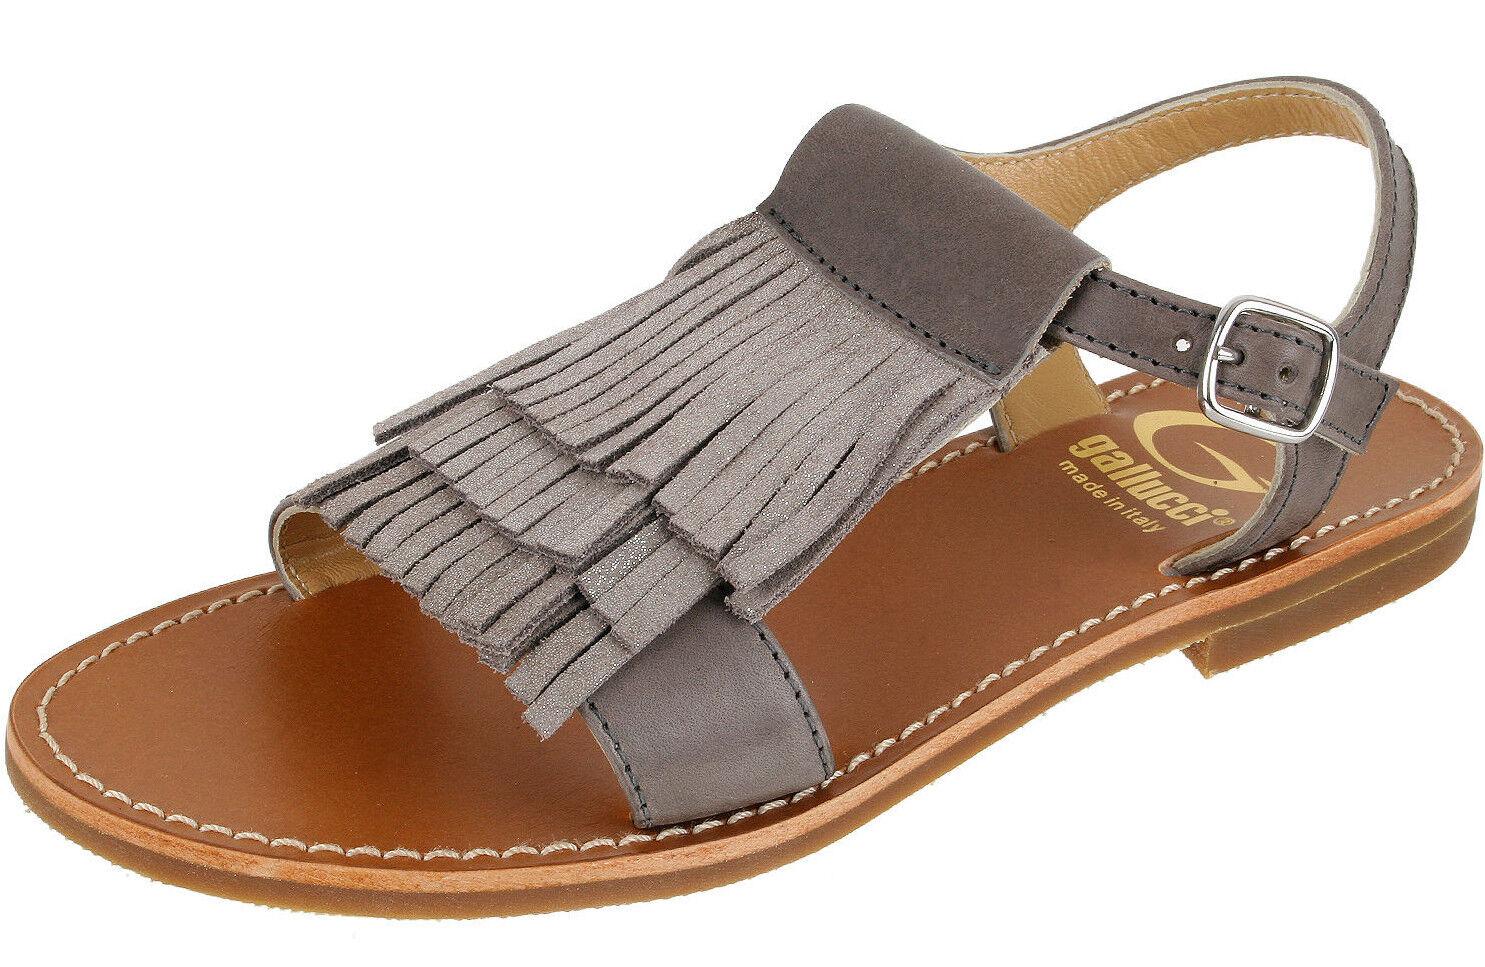 Gallucci J00930AT Girls kvinnor skor Sandaler Sandaler Sandaler Franzen läder Storleks 33, 39 ny  försäljning online rabatt